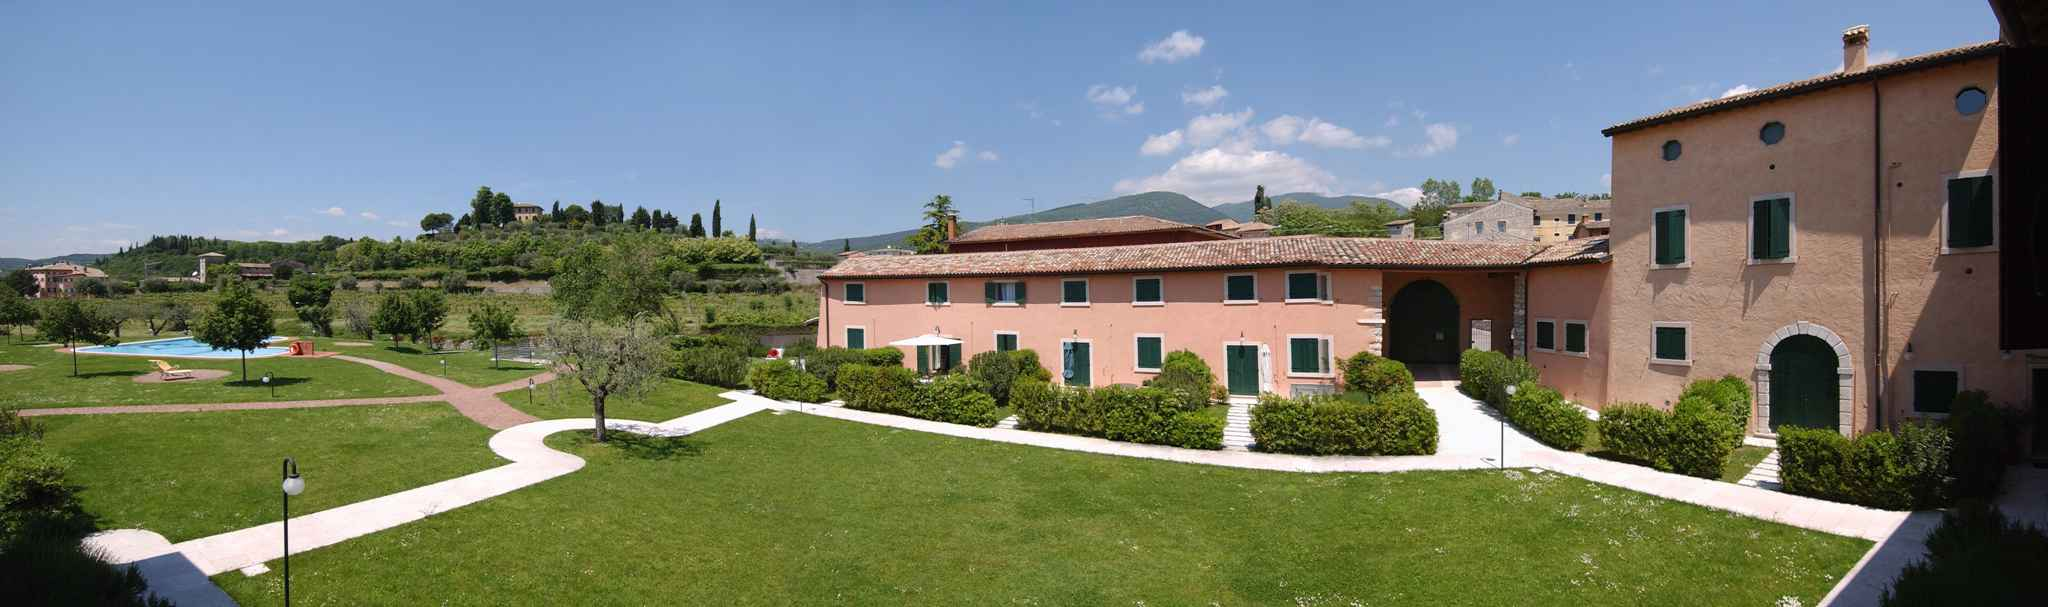 Ferienwohnung Residenz I Cortivi (279527), Costermano sul Garda, Gardasee, Venetien, Italien, Bild 2